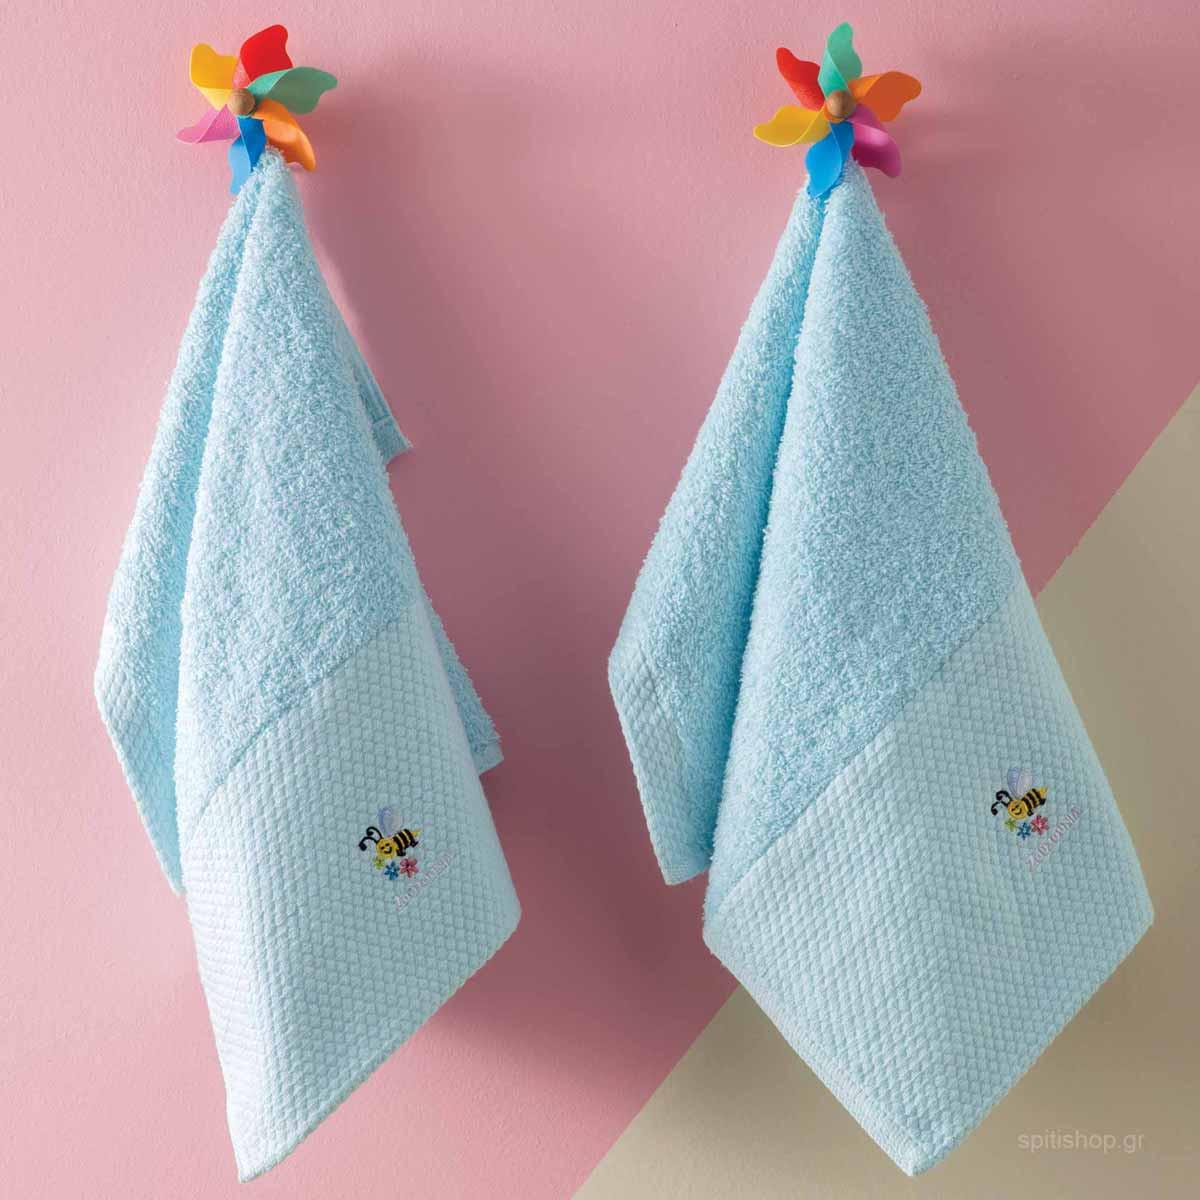 Βρεφικές Πετσέτες Προσώπου (Σετ 2τμχ) Zouzounia Μέλισσα 240